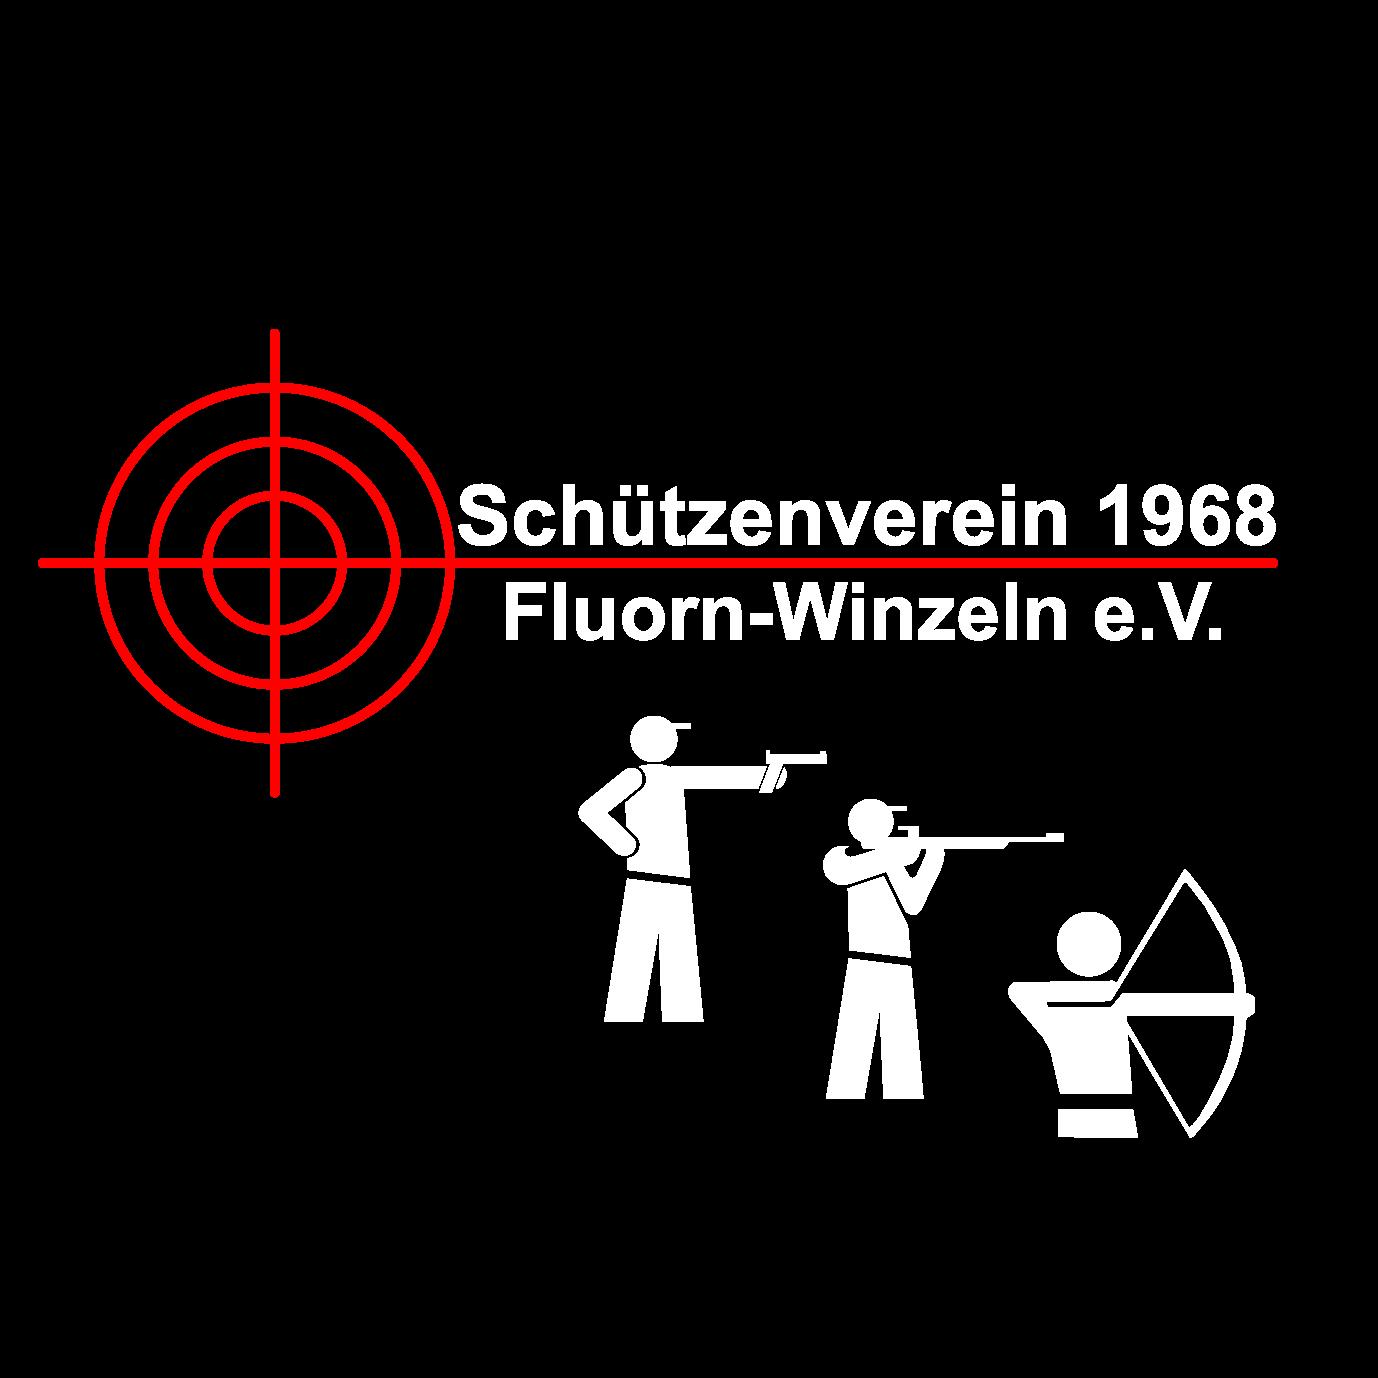 Schützenverein SV Fluorn-Winzeln e. V.